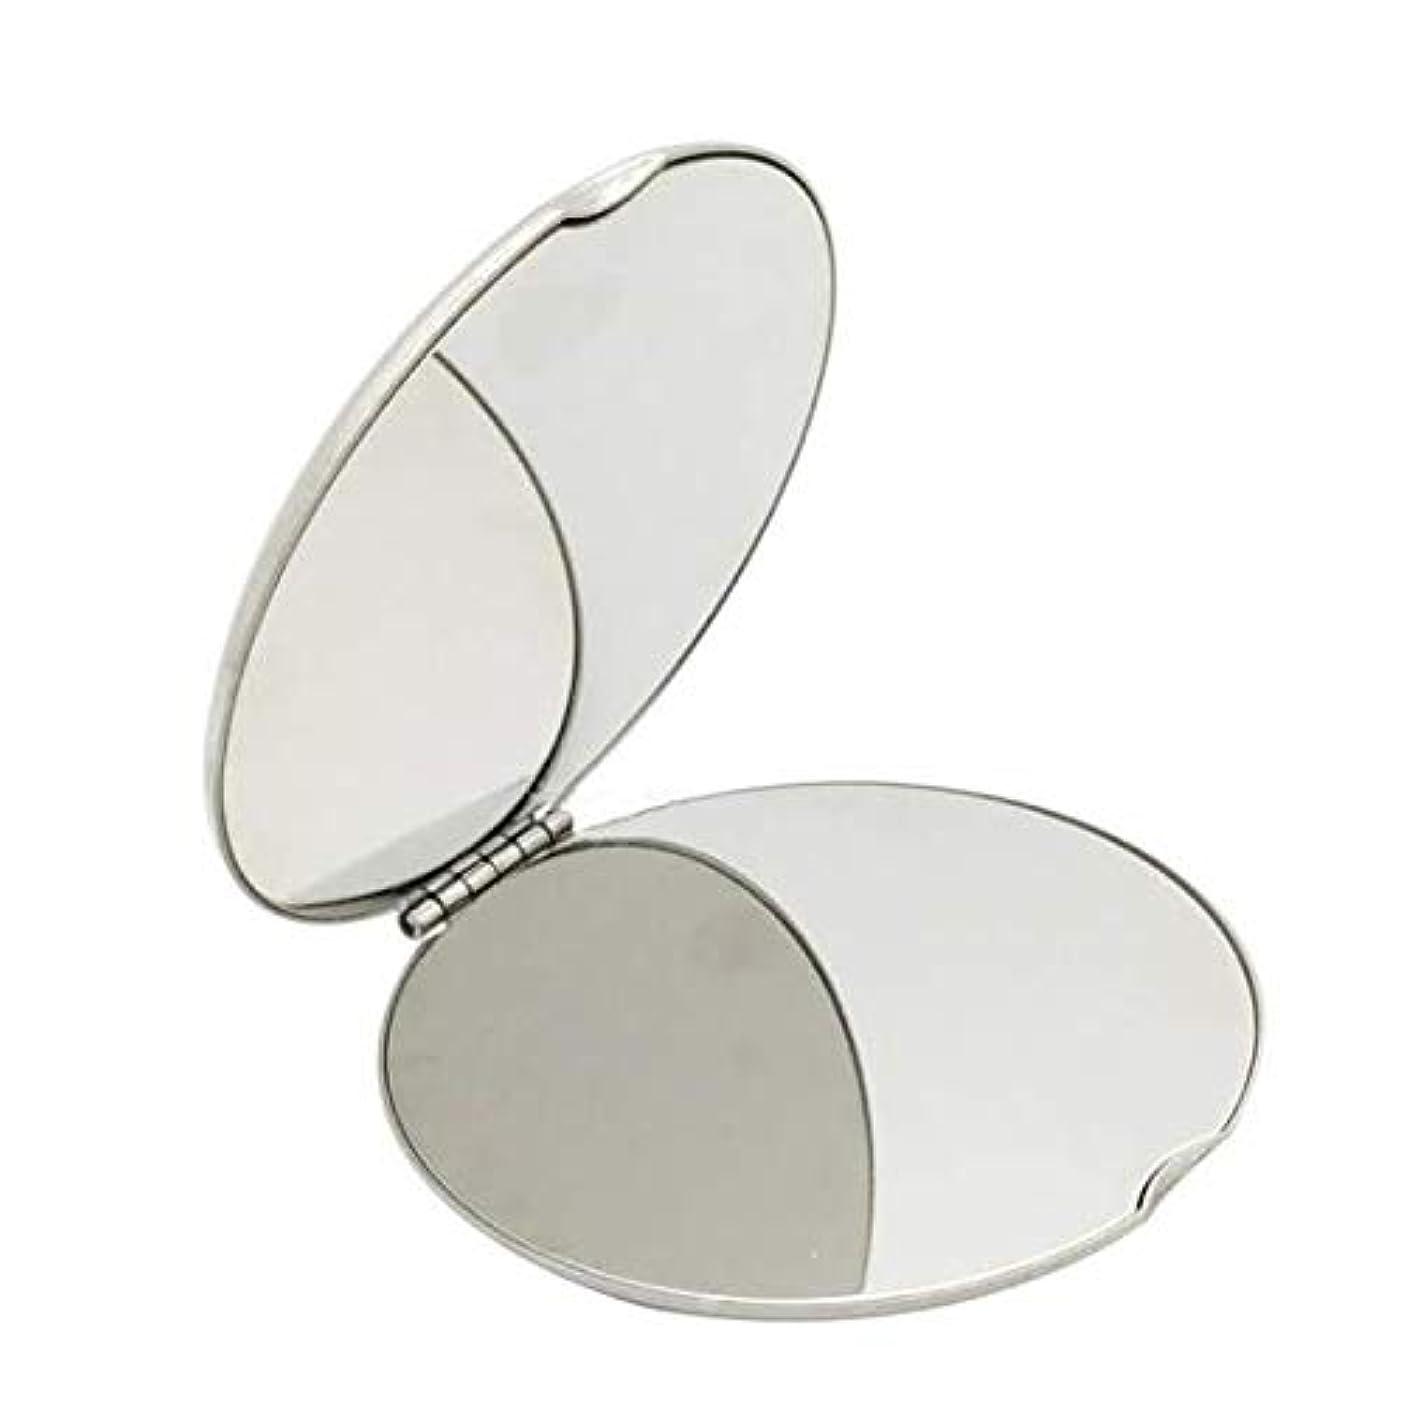 サーカス単位肺炎飛散防止化粧鏡ステンレス鋼 化粧鏡おすすめ 携帯用ミラー化粧用鏡(ラウンド)